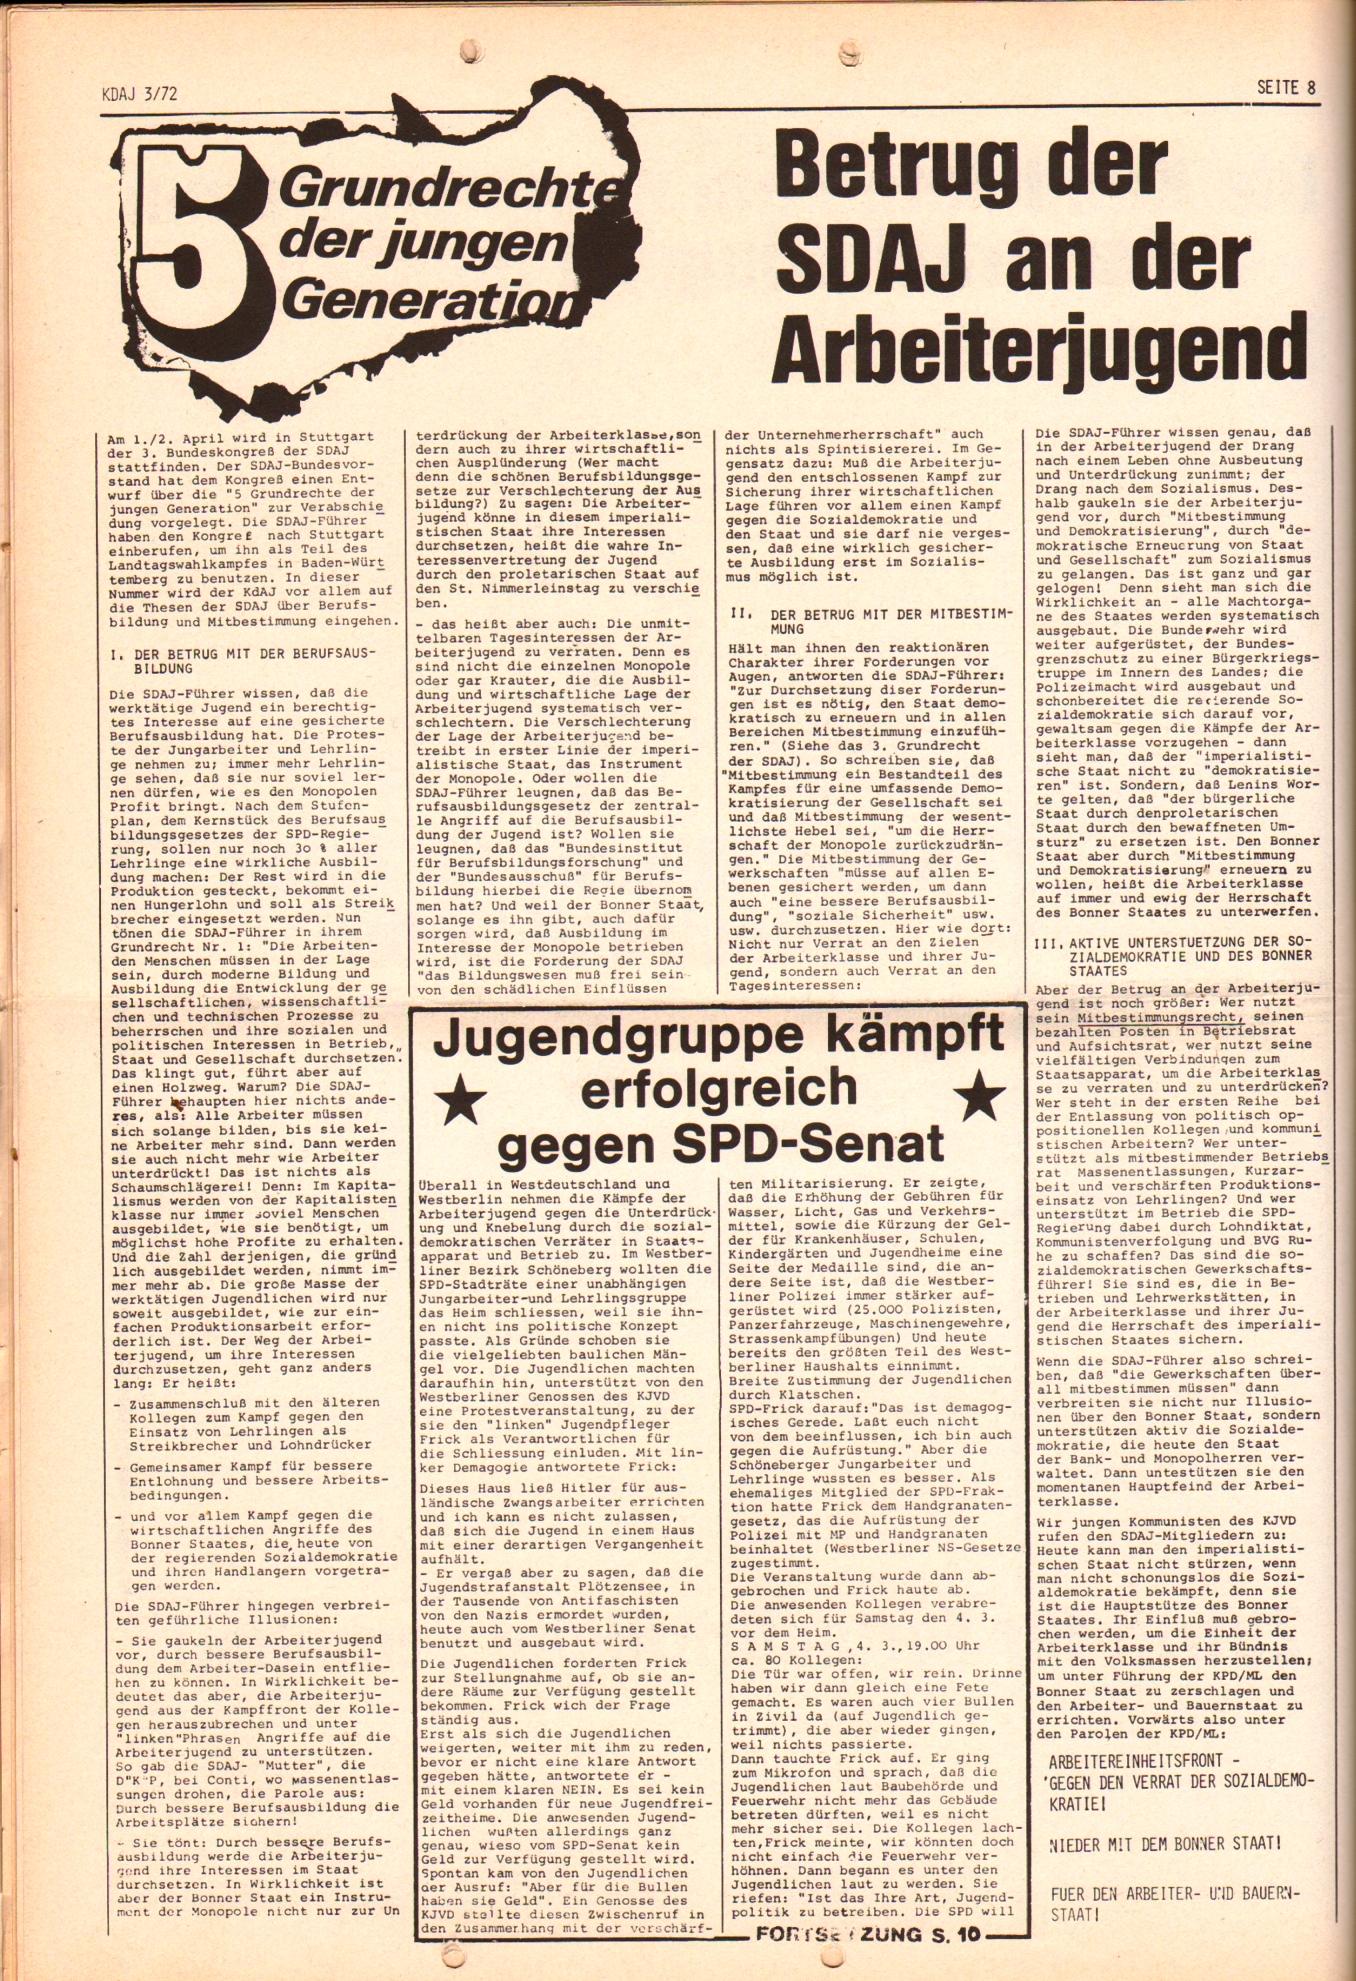 KJVD_KDAJ_1972_03_08